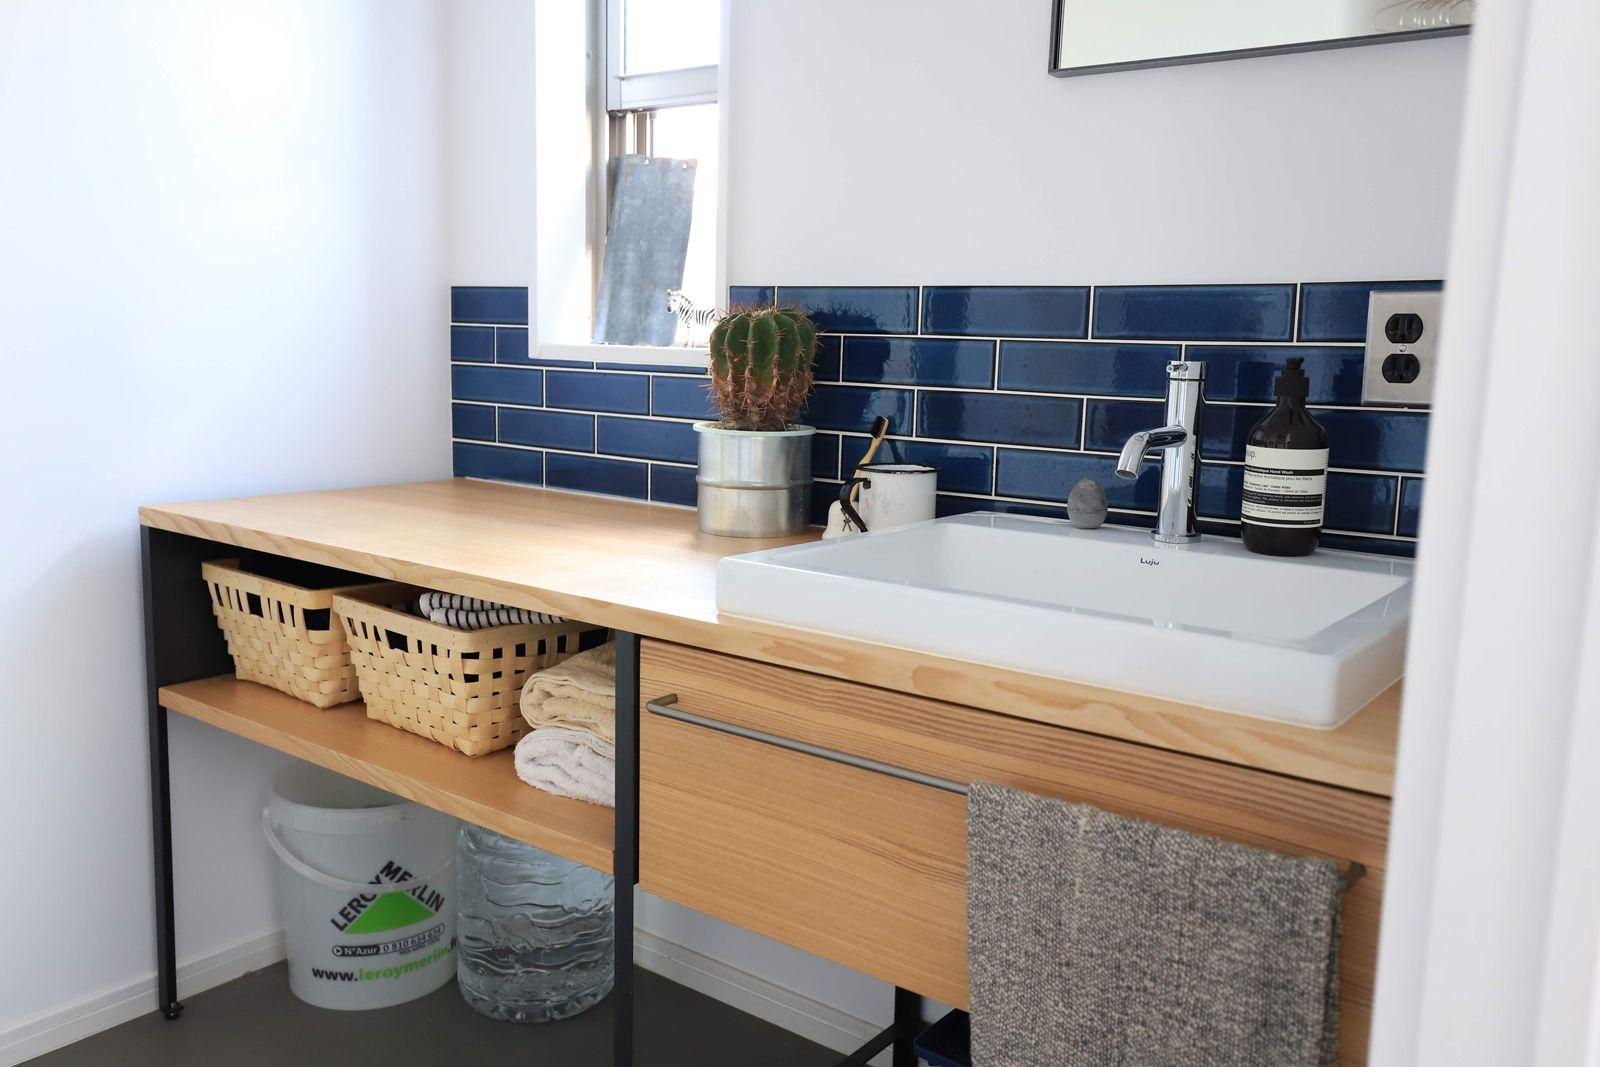 ワークカウンター洗面台は 空間に合わせてサイズ調整できる木製カウンターとアイアンの脚を組み合わせた洗面台 洗面室の使い方の幅を広げる洗面台です 洗面台 洗面 インテリア